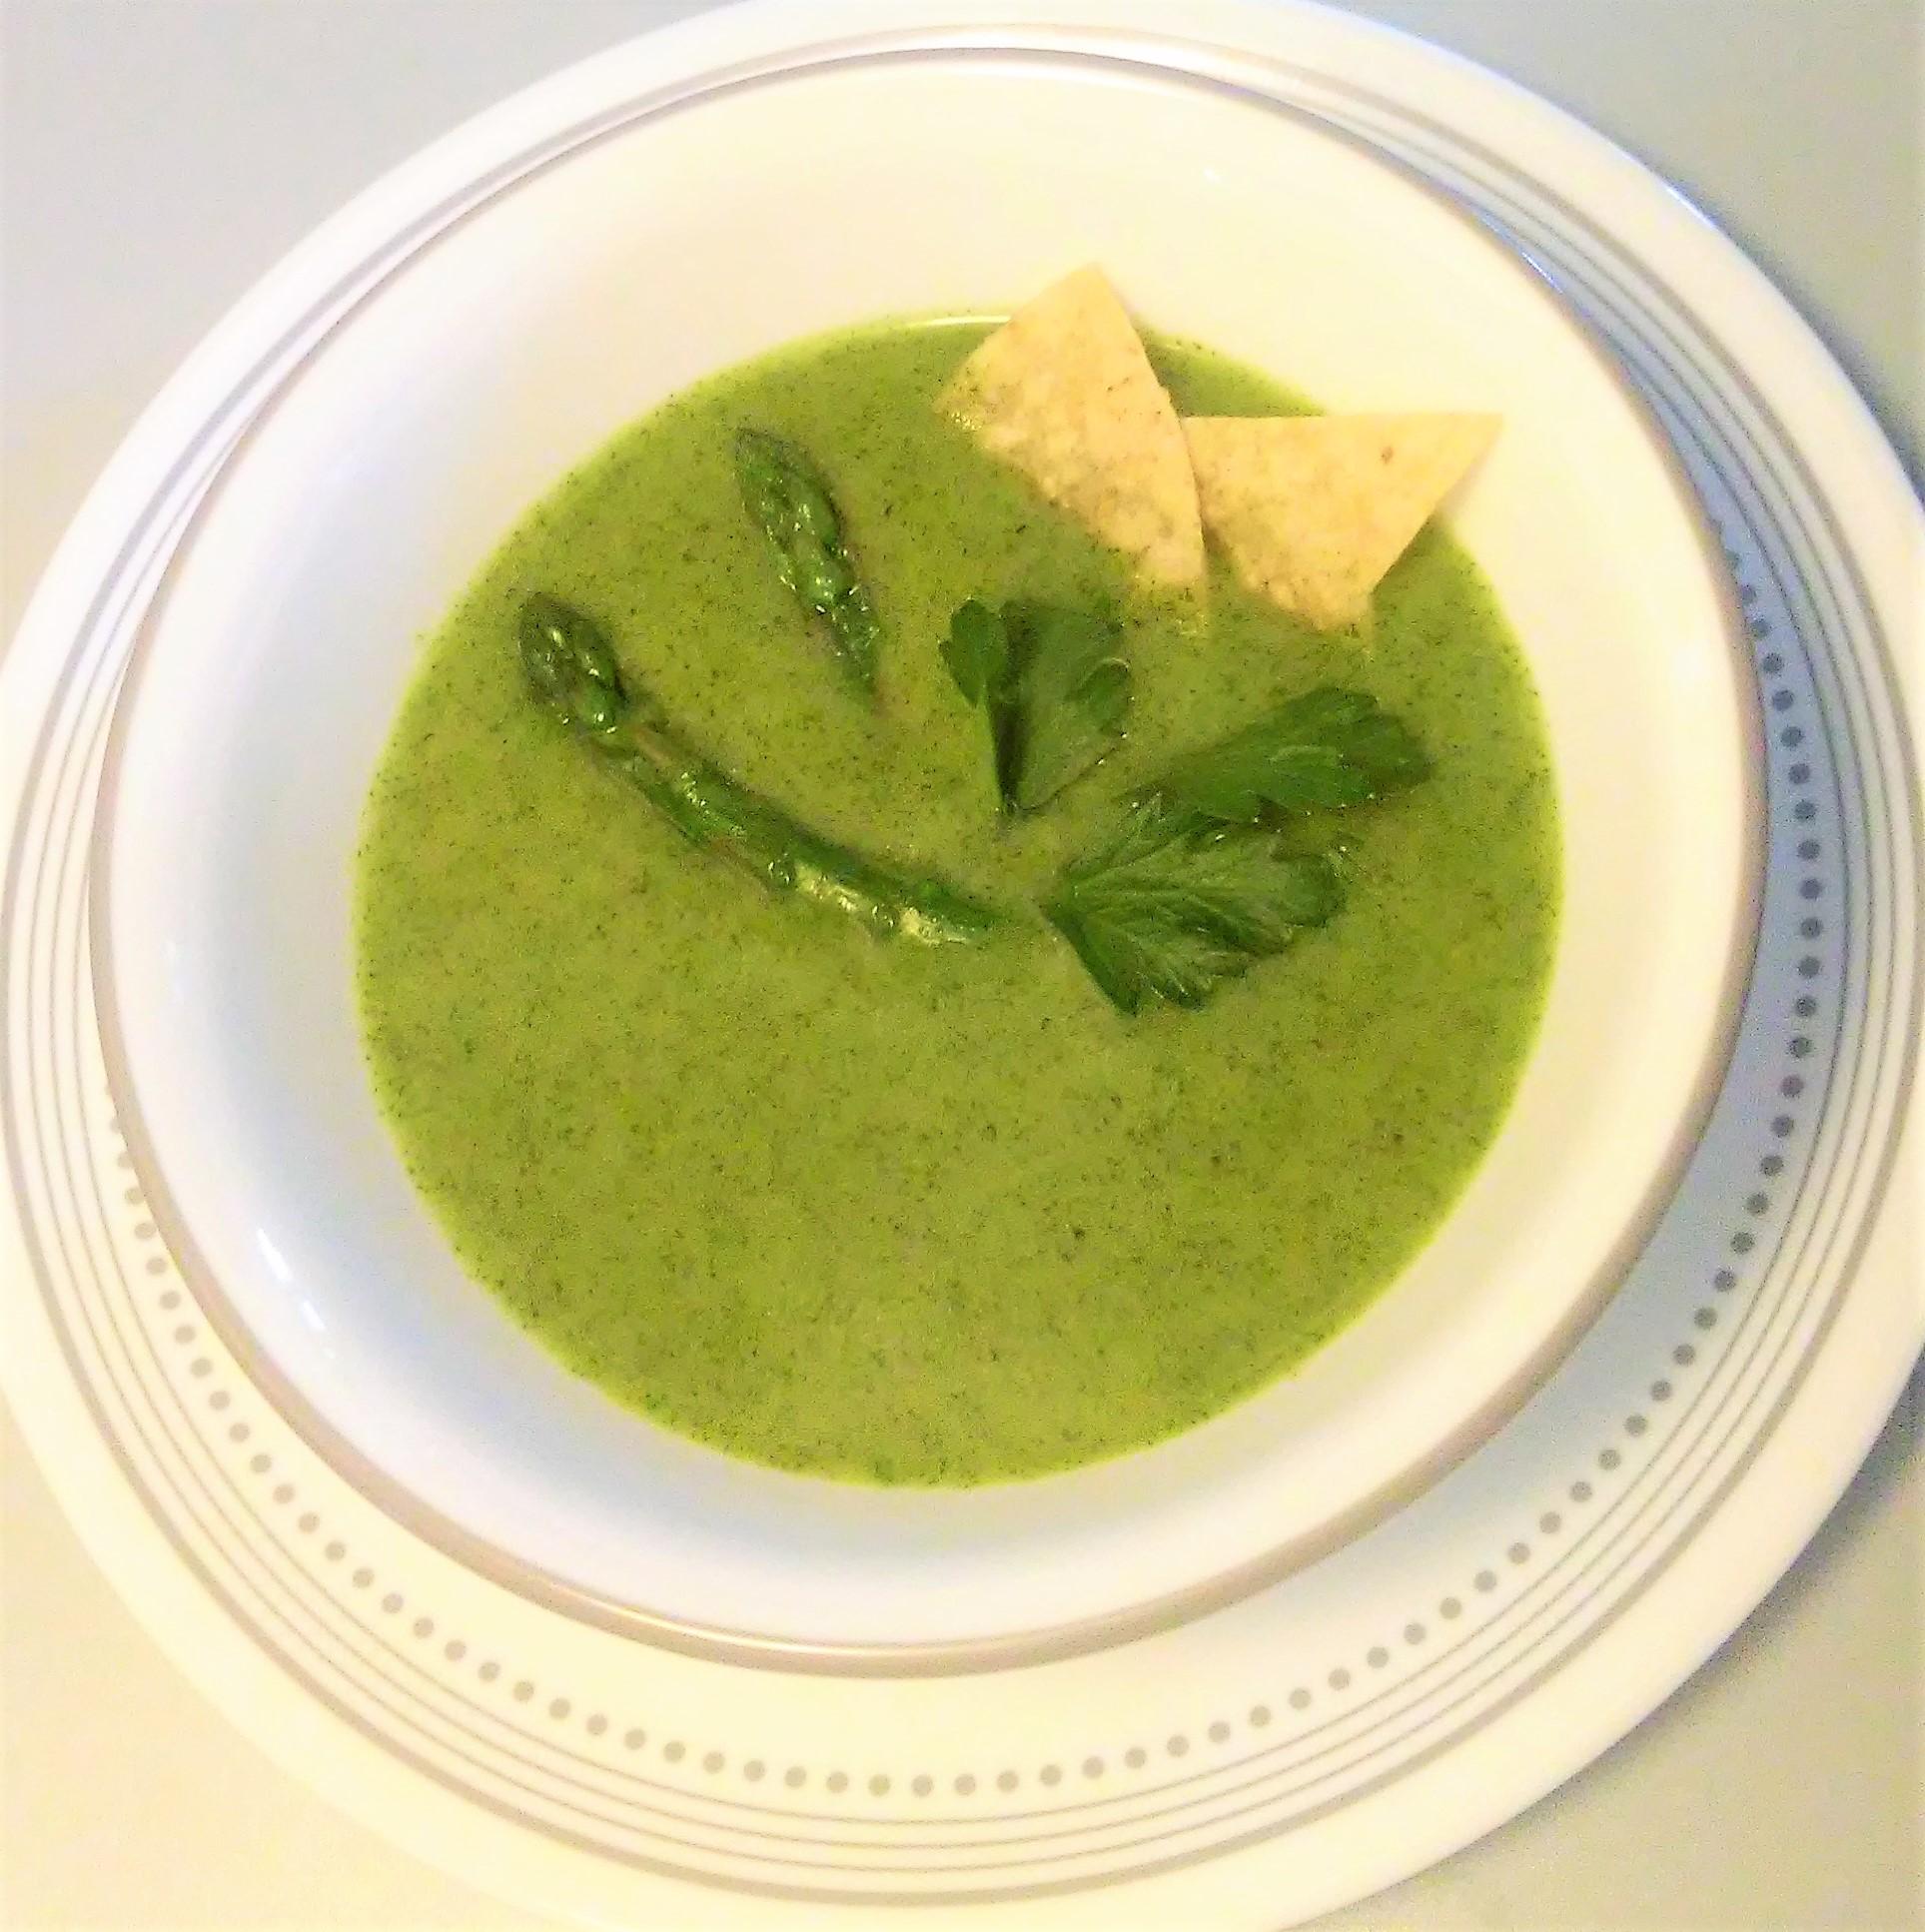 sopa de cilantro y esparragos My Slice of Mexico